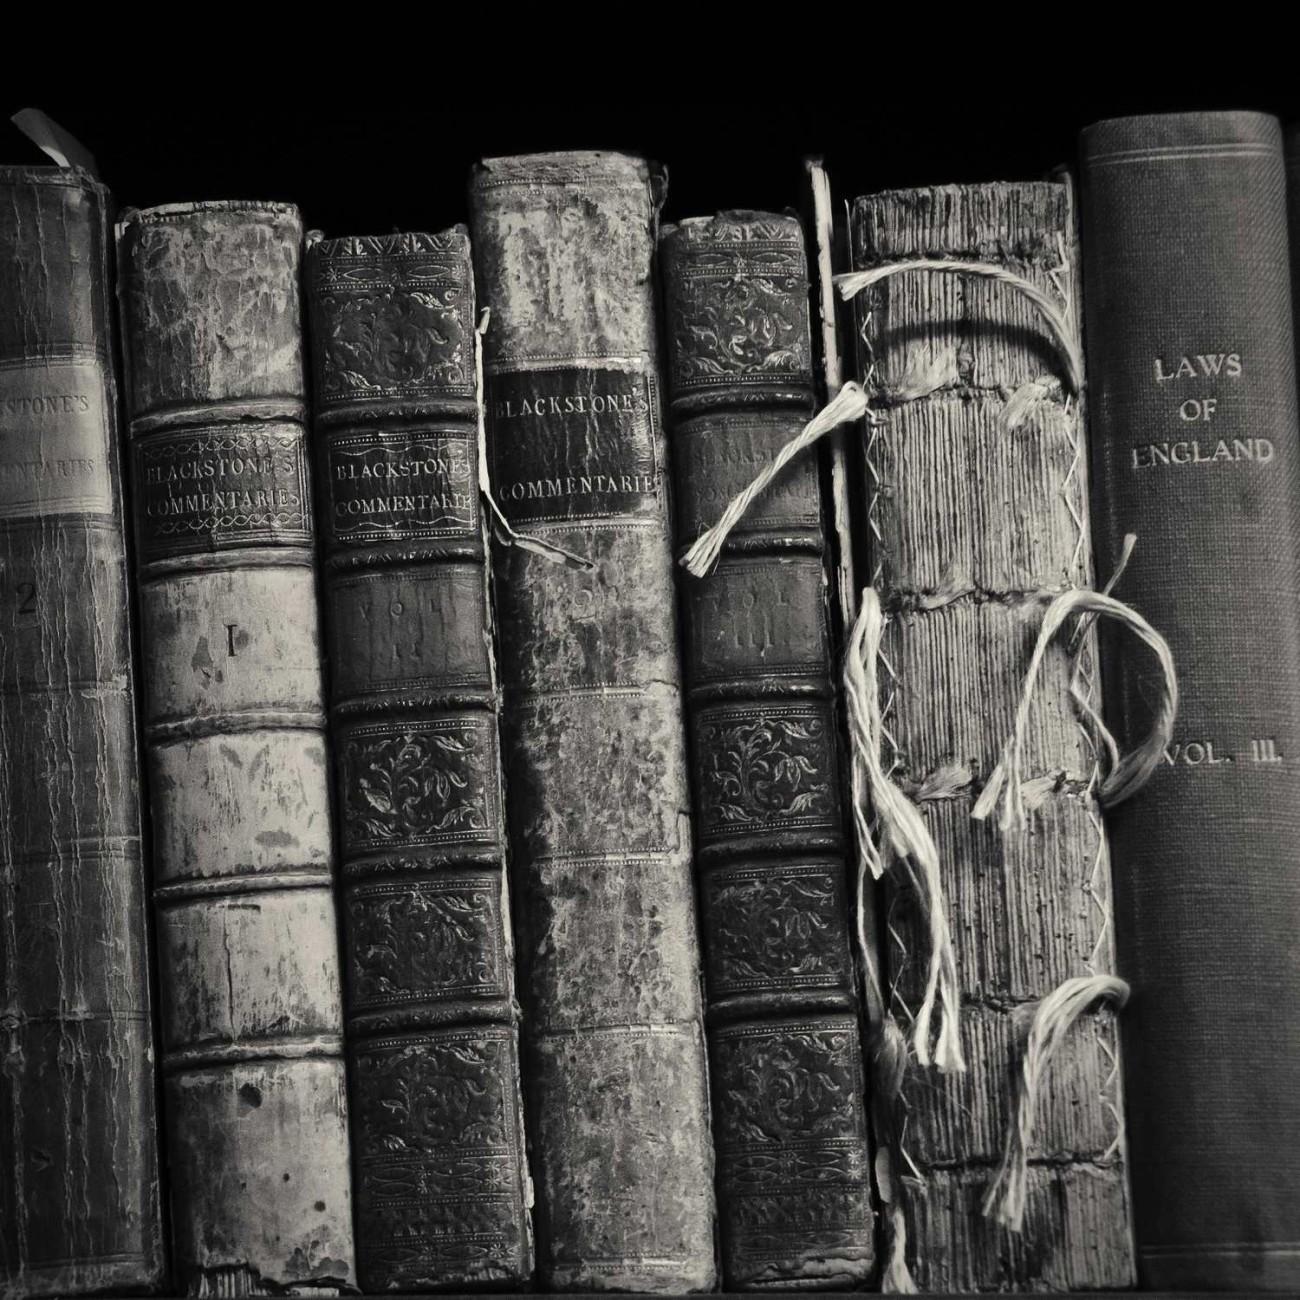 Seven books on a shelf, England, 2010